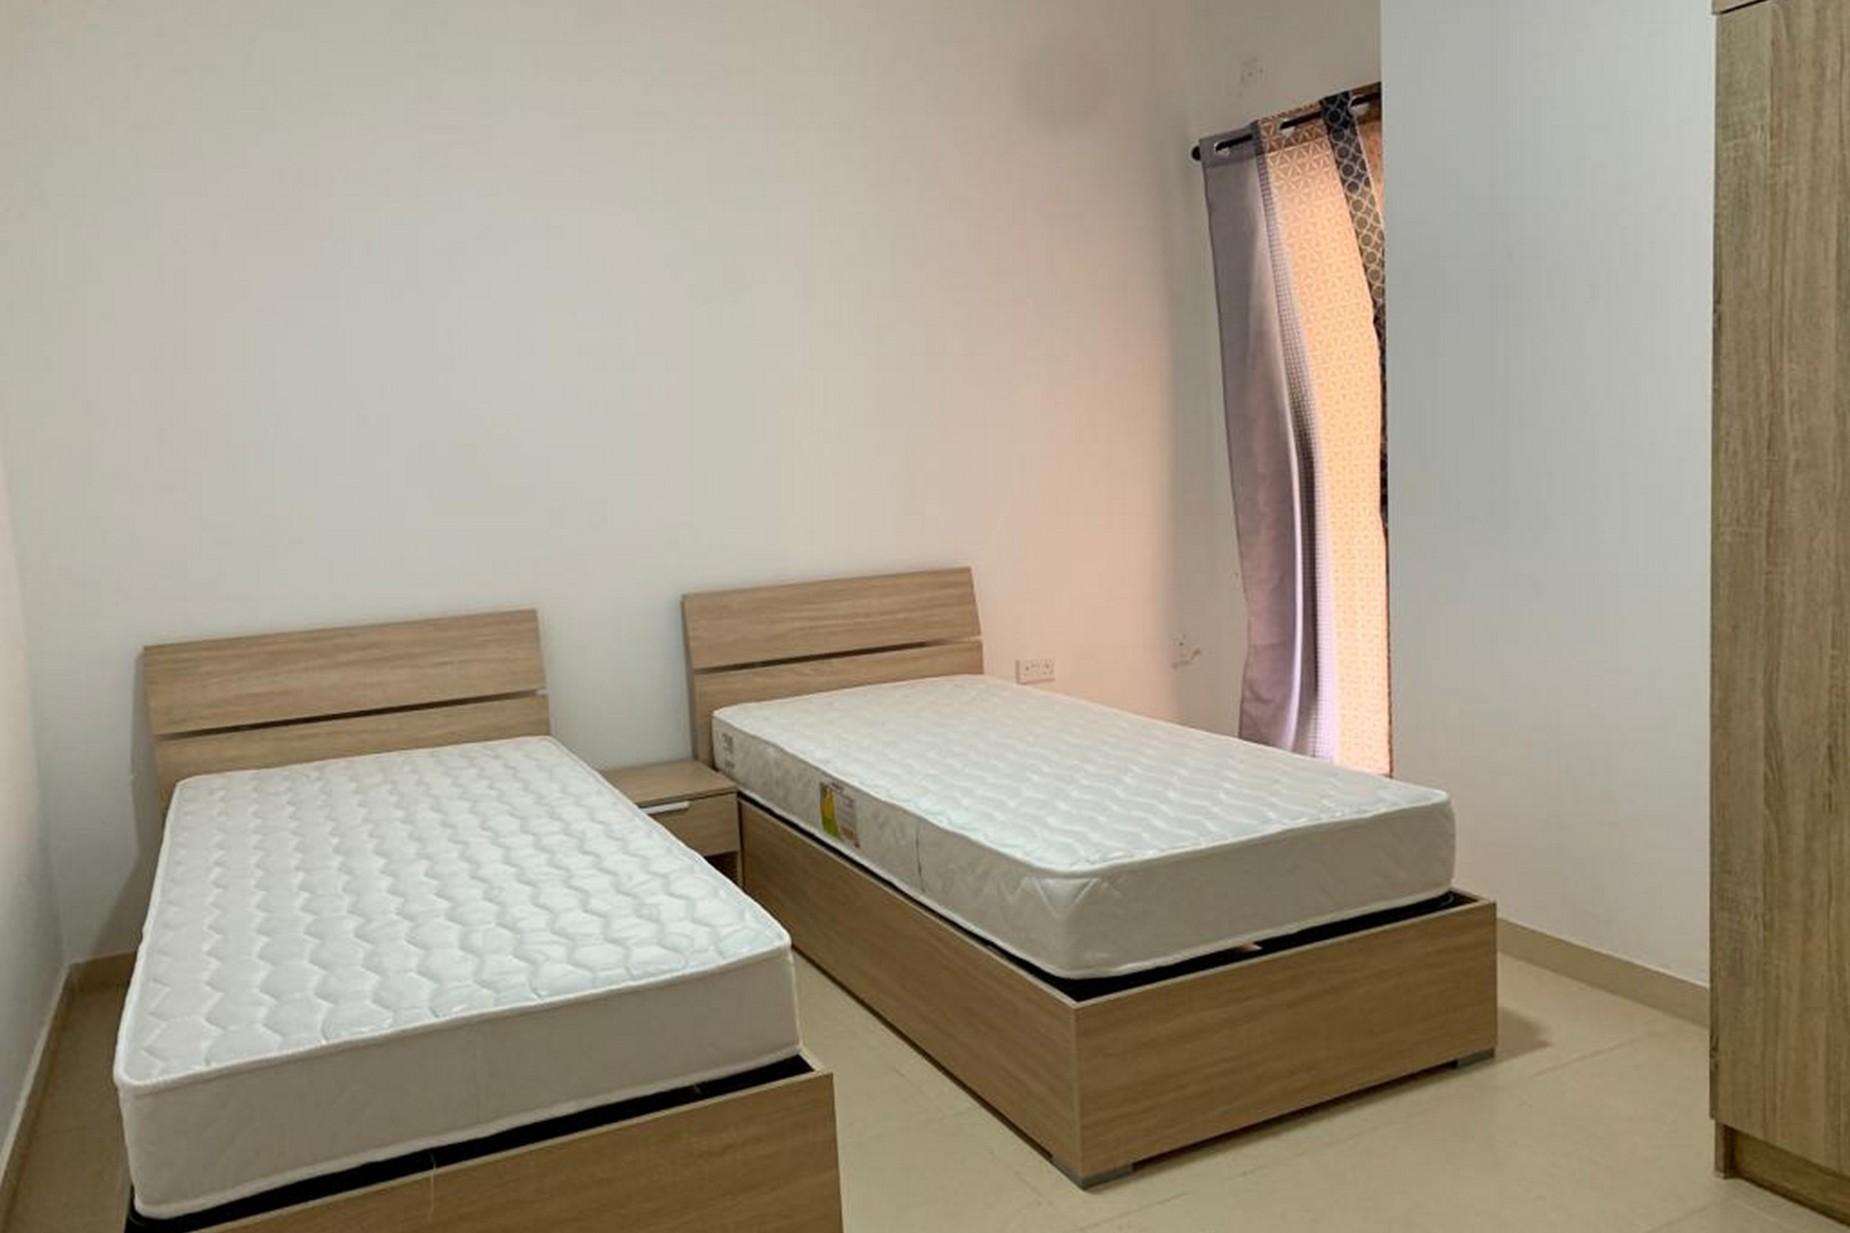 3 bed Apartment For Rent in Qormi, Qormi - thumb 12